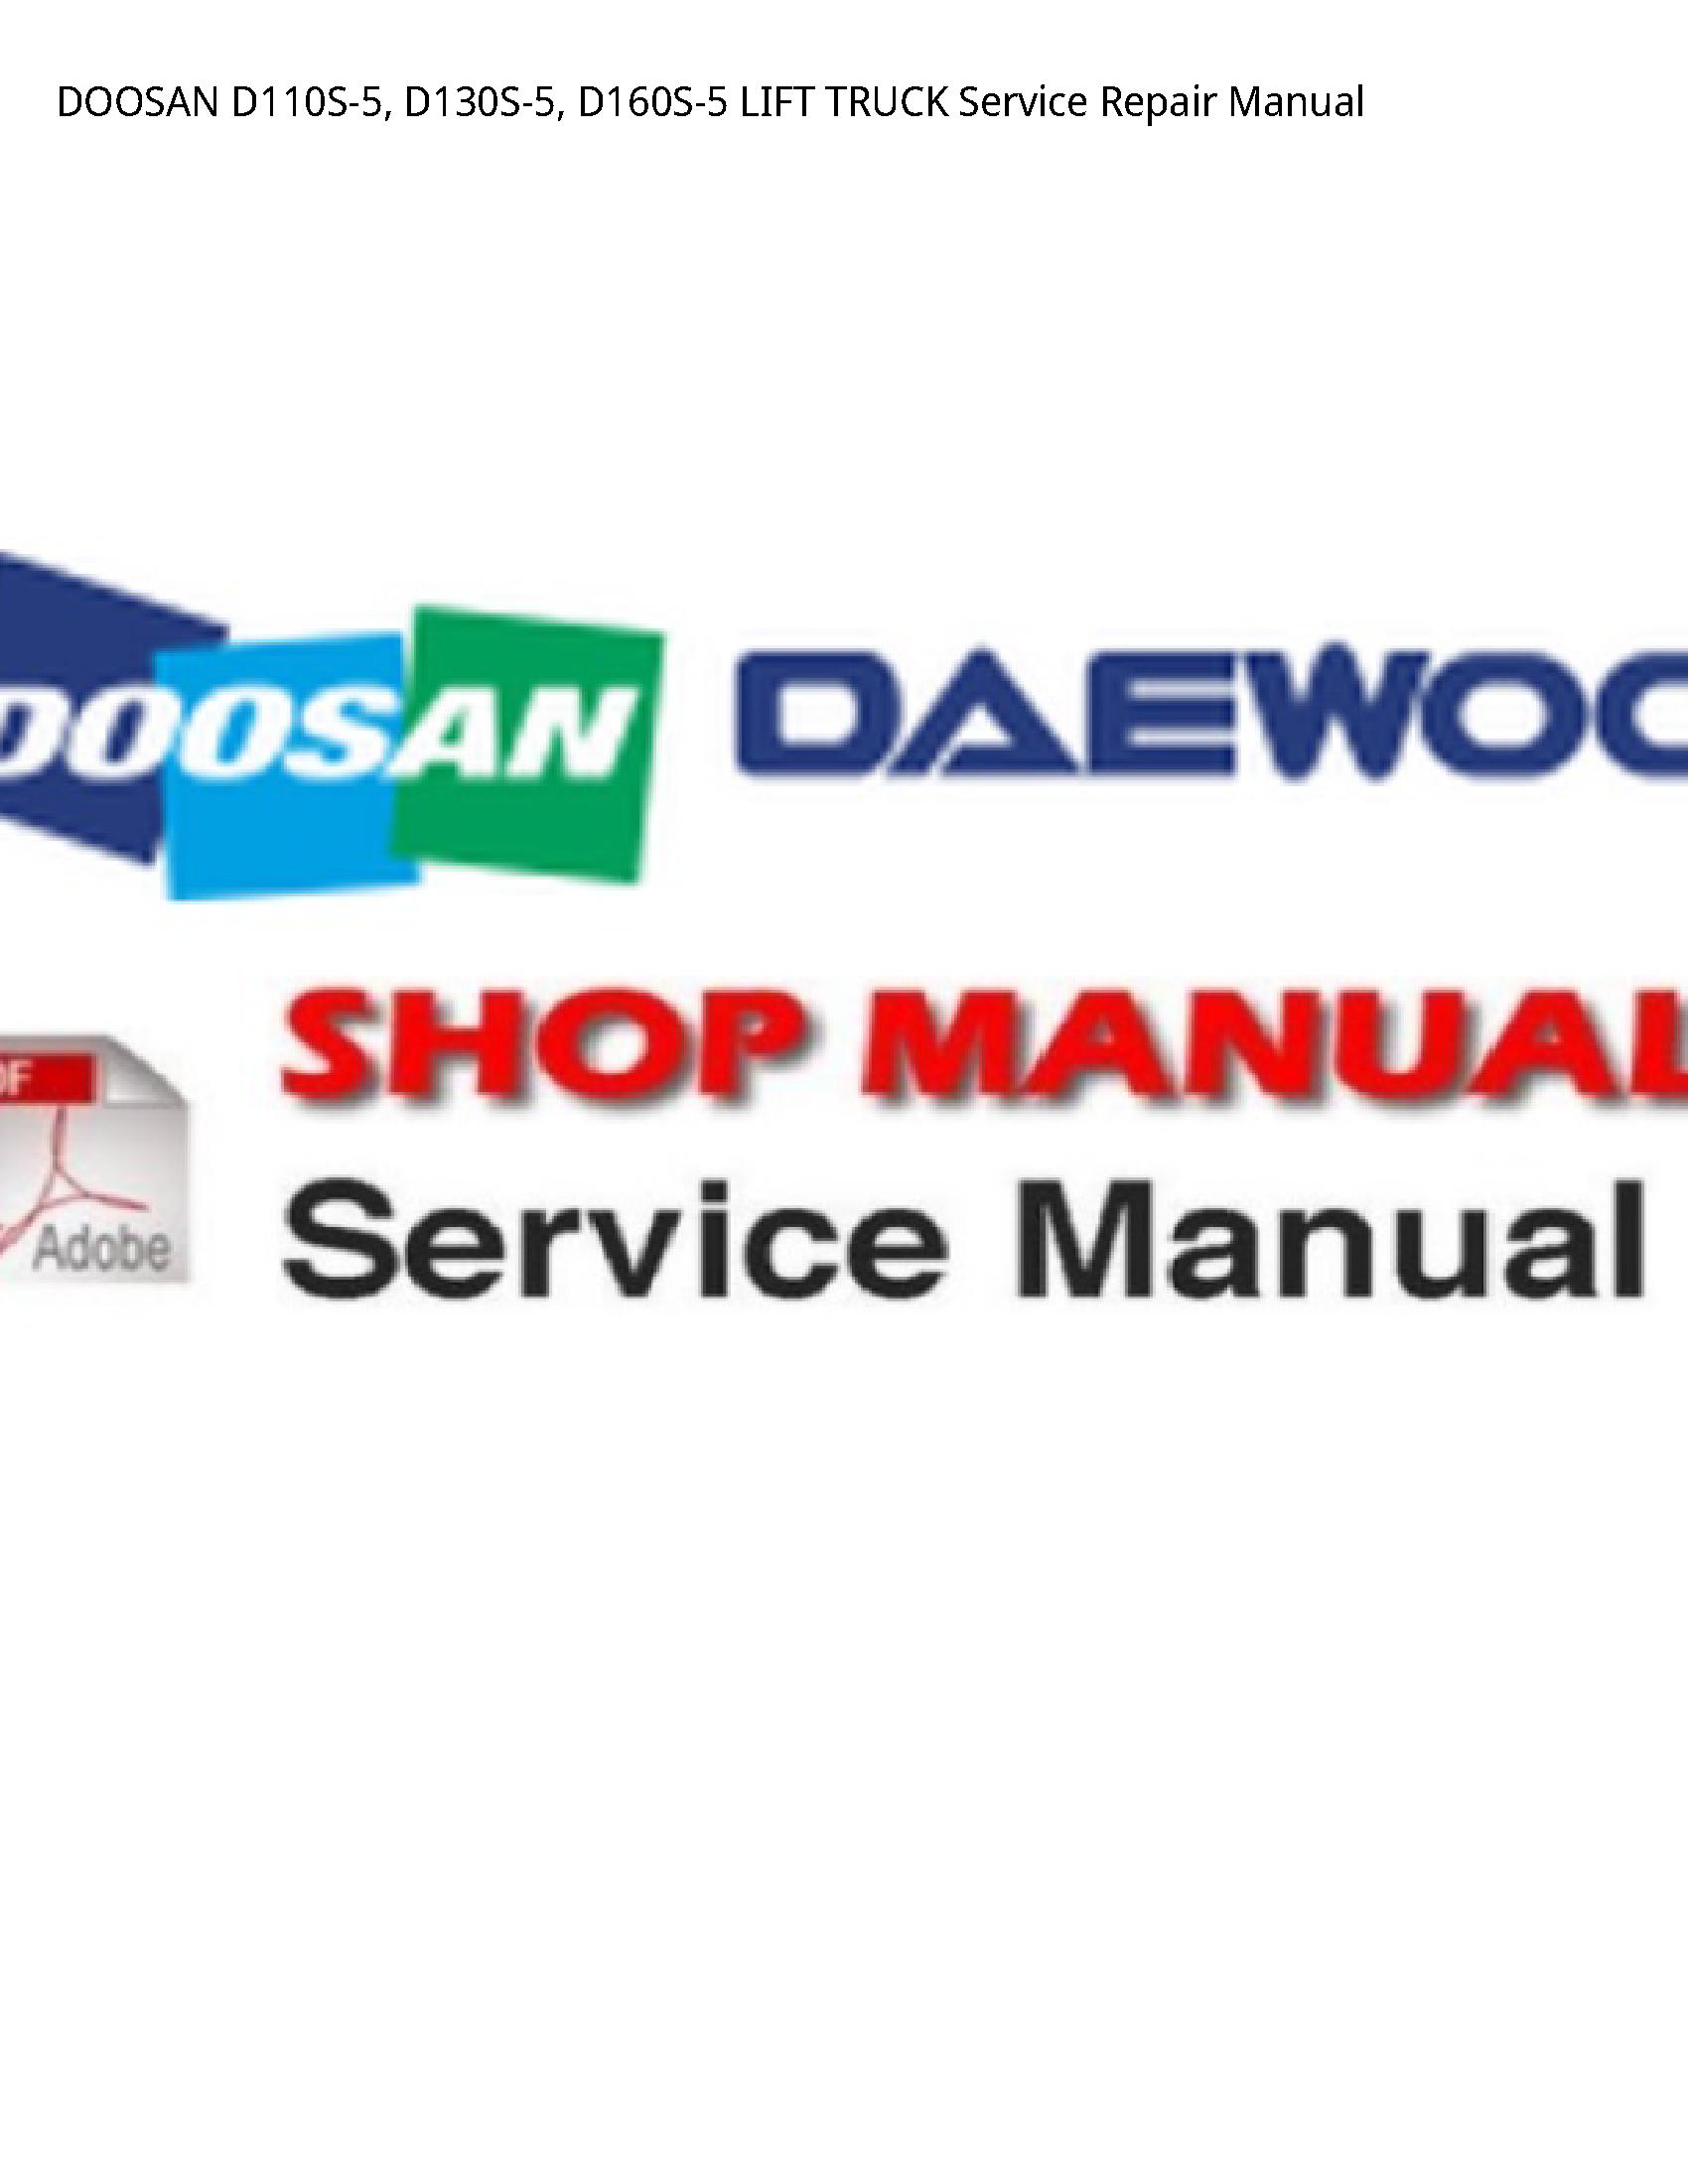 Doosan D110S-5 LIFT TRUCK manual